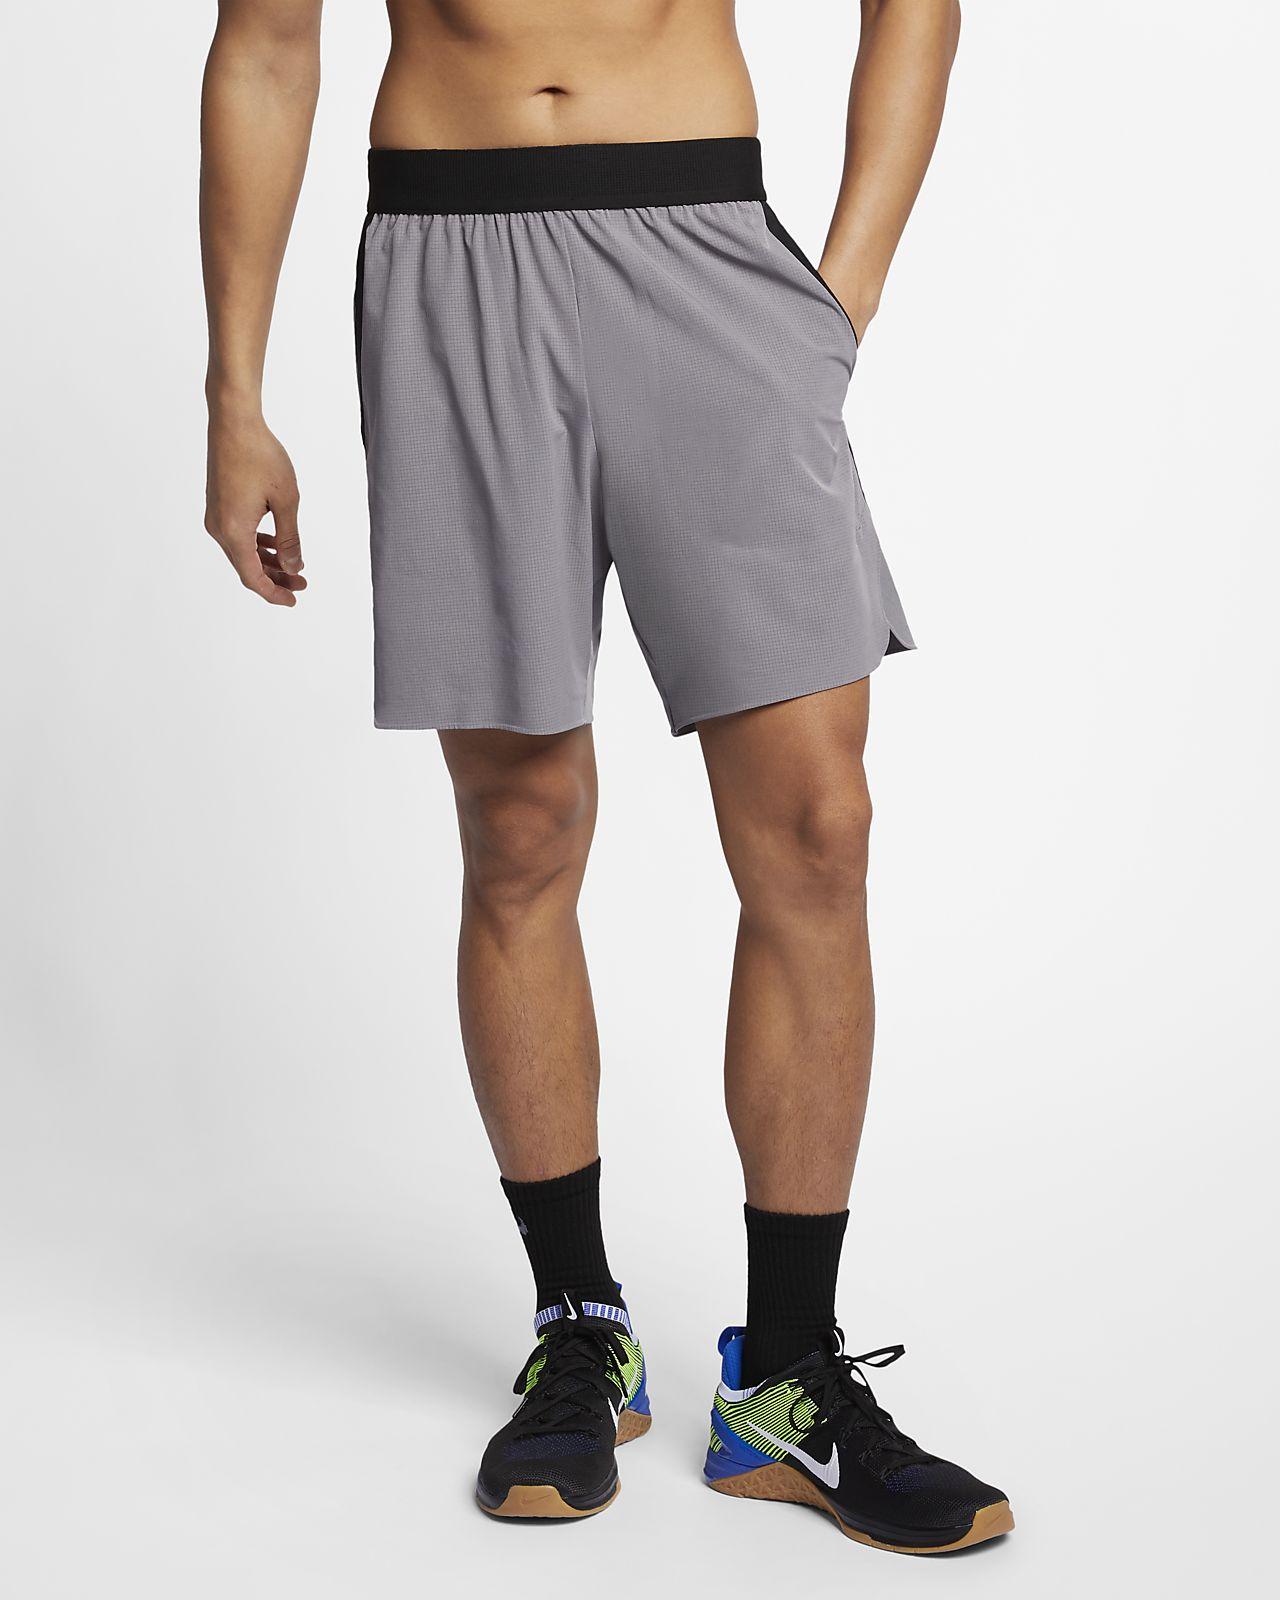 Nike Flex Tech Pack Herren-Trainingsshorts